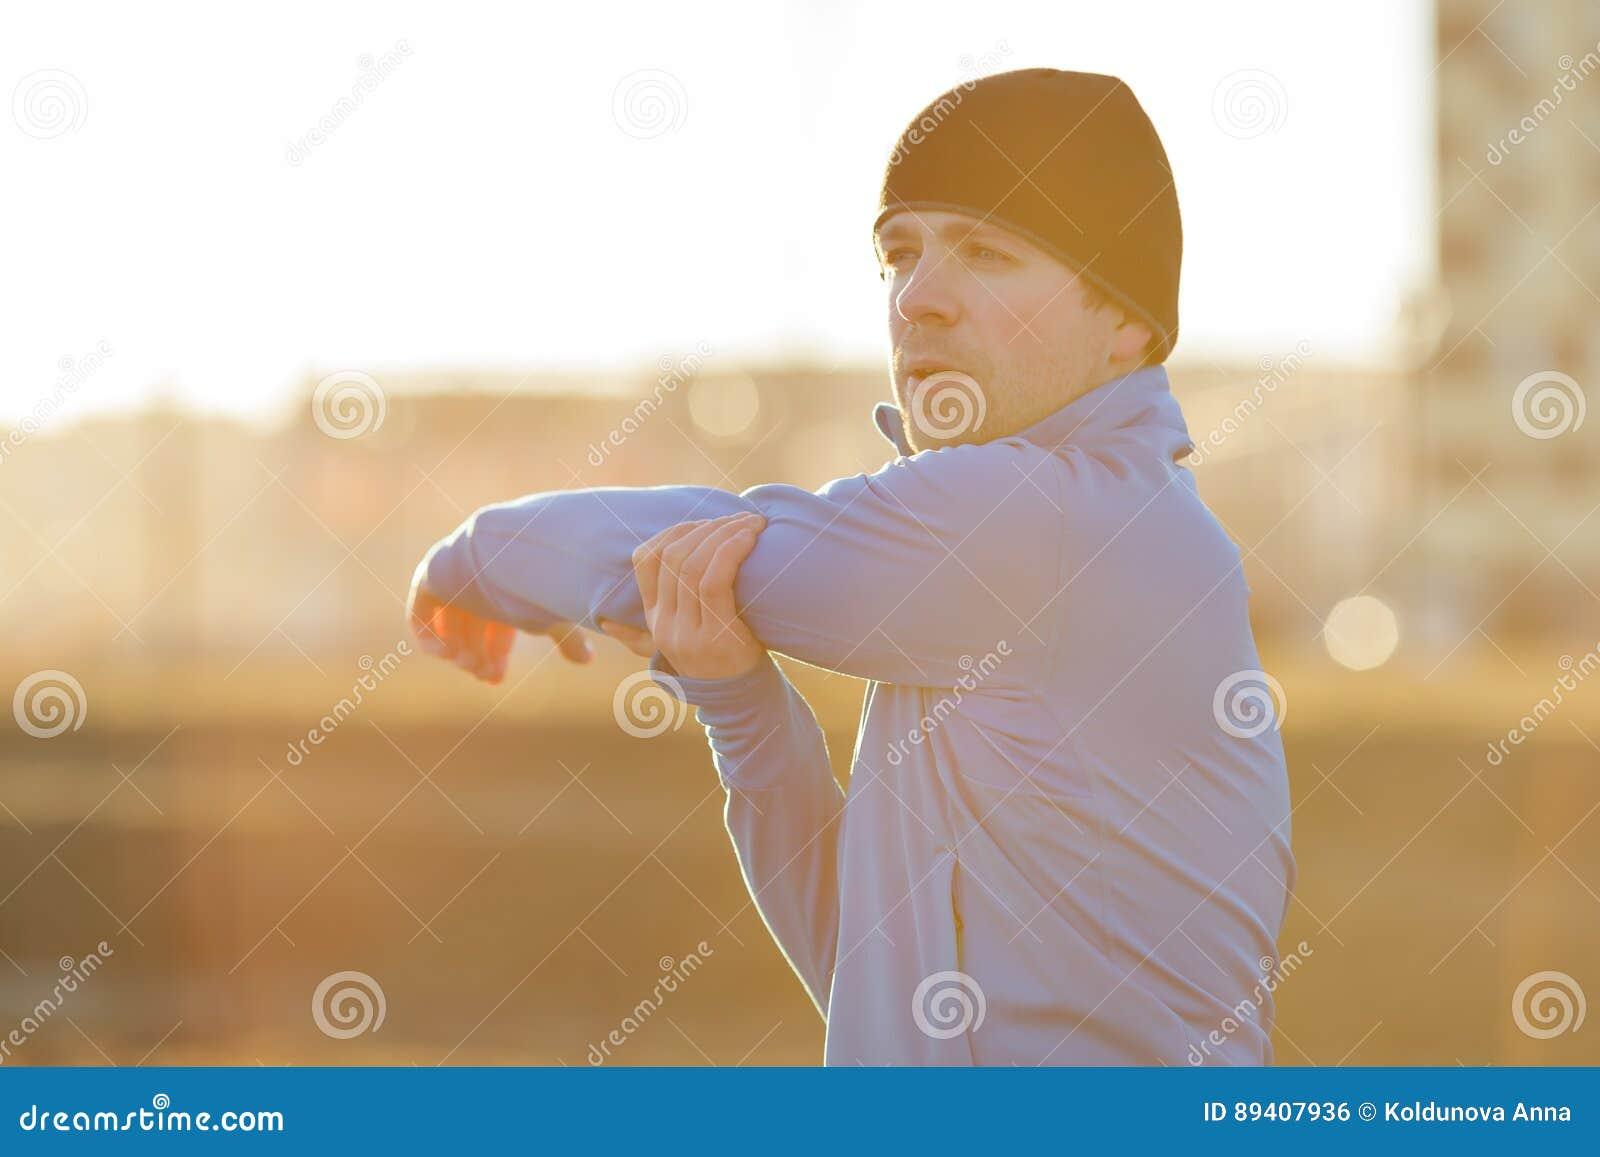 Contrate em esportes ativos